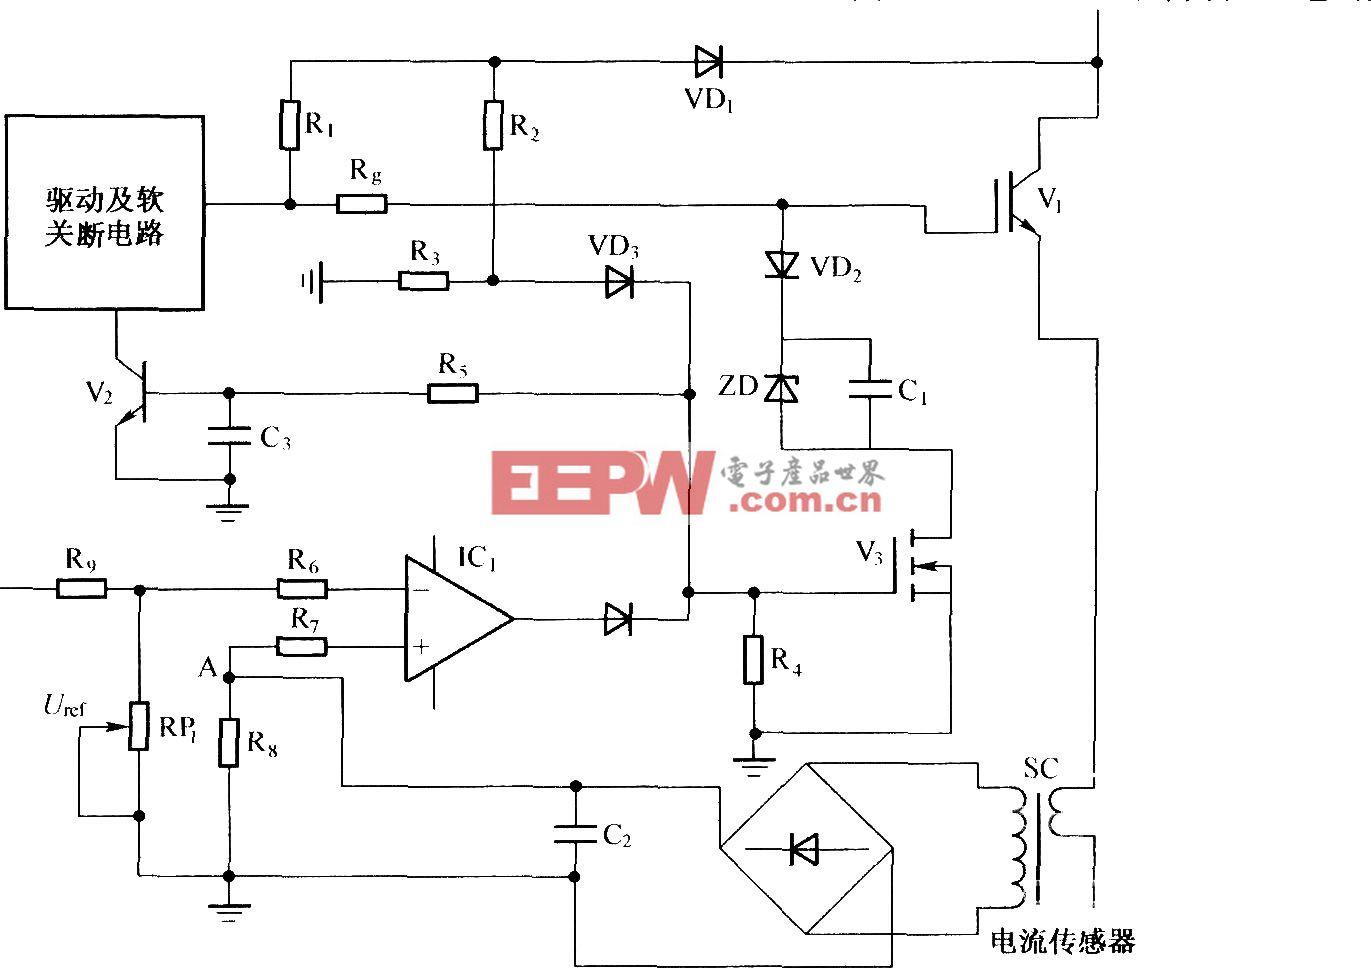 利用IGBT短路时UCE增大的原理和电流传感器检测的综合保护电路